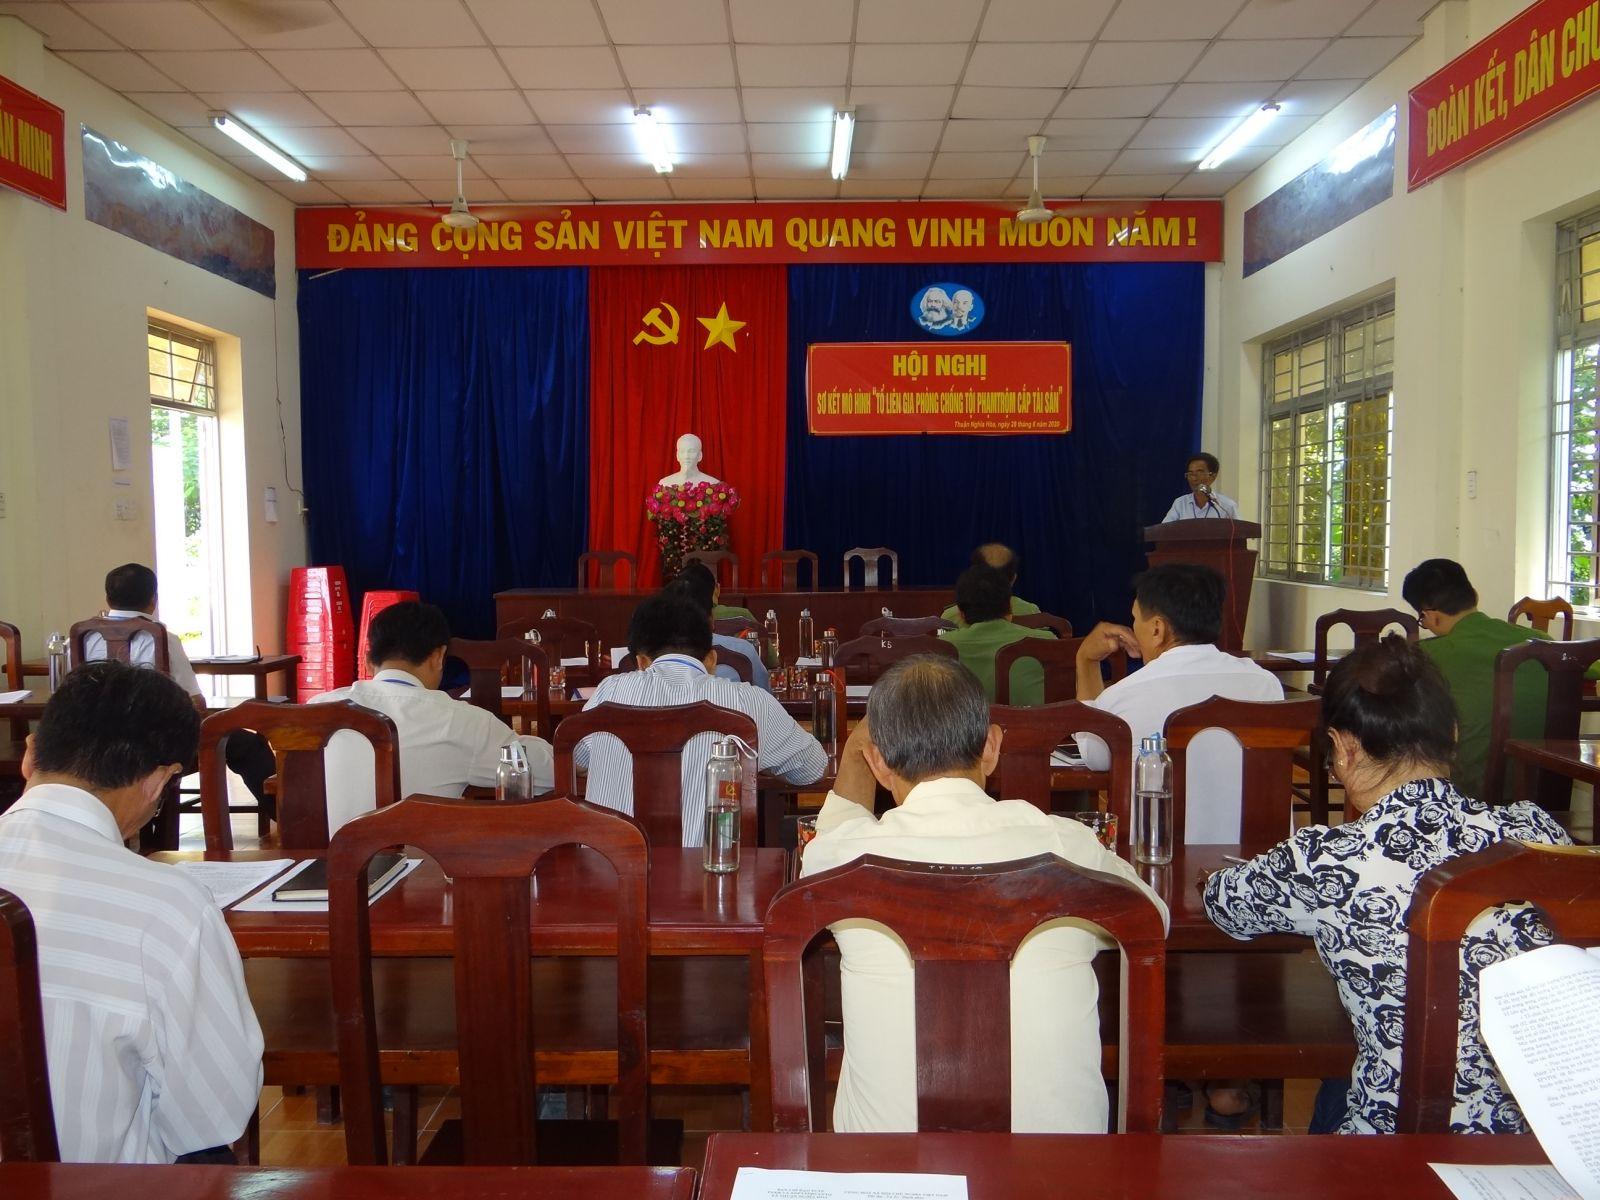 Hội nghị sơ kết mô hình Tổ liên gia phòng, chống tội phạm tại xã Thuận Nghĩa Hòa